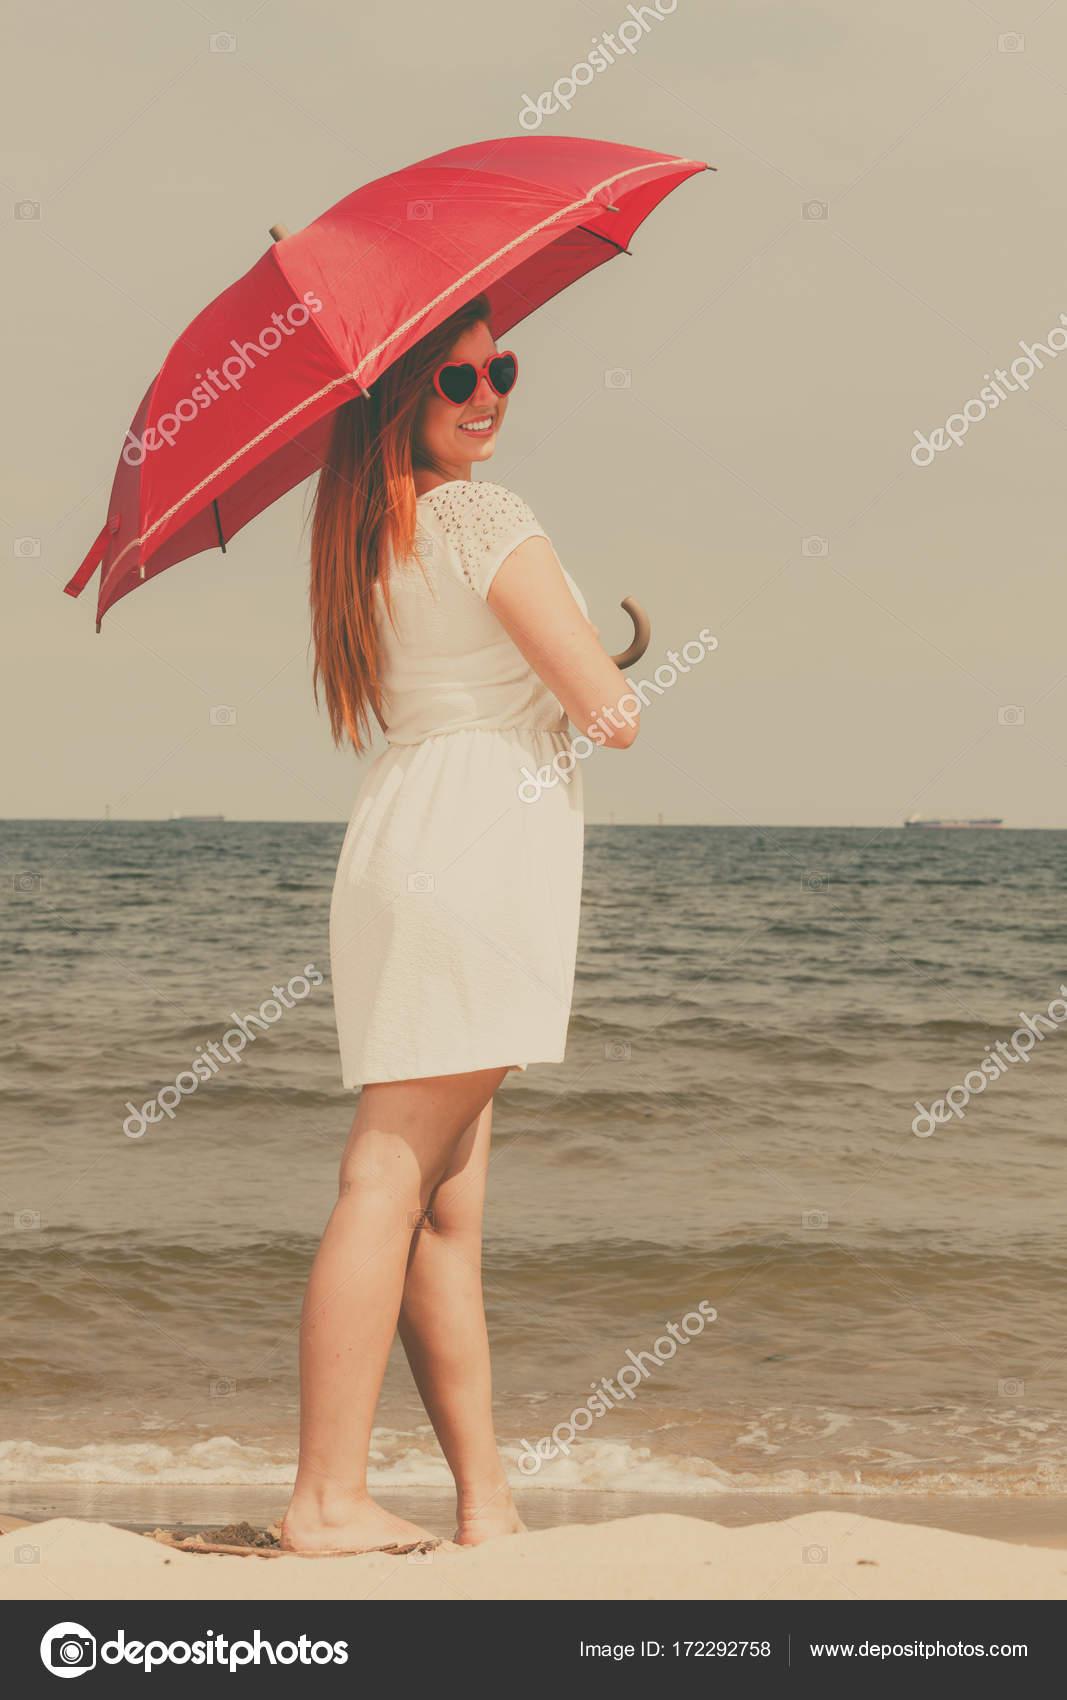 Rothaarige Frau Zu Fuss Am Strand Mit Sonnenschirm Stockfoto